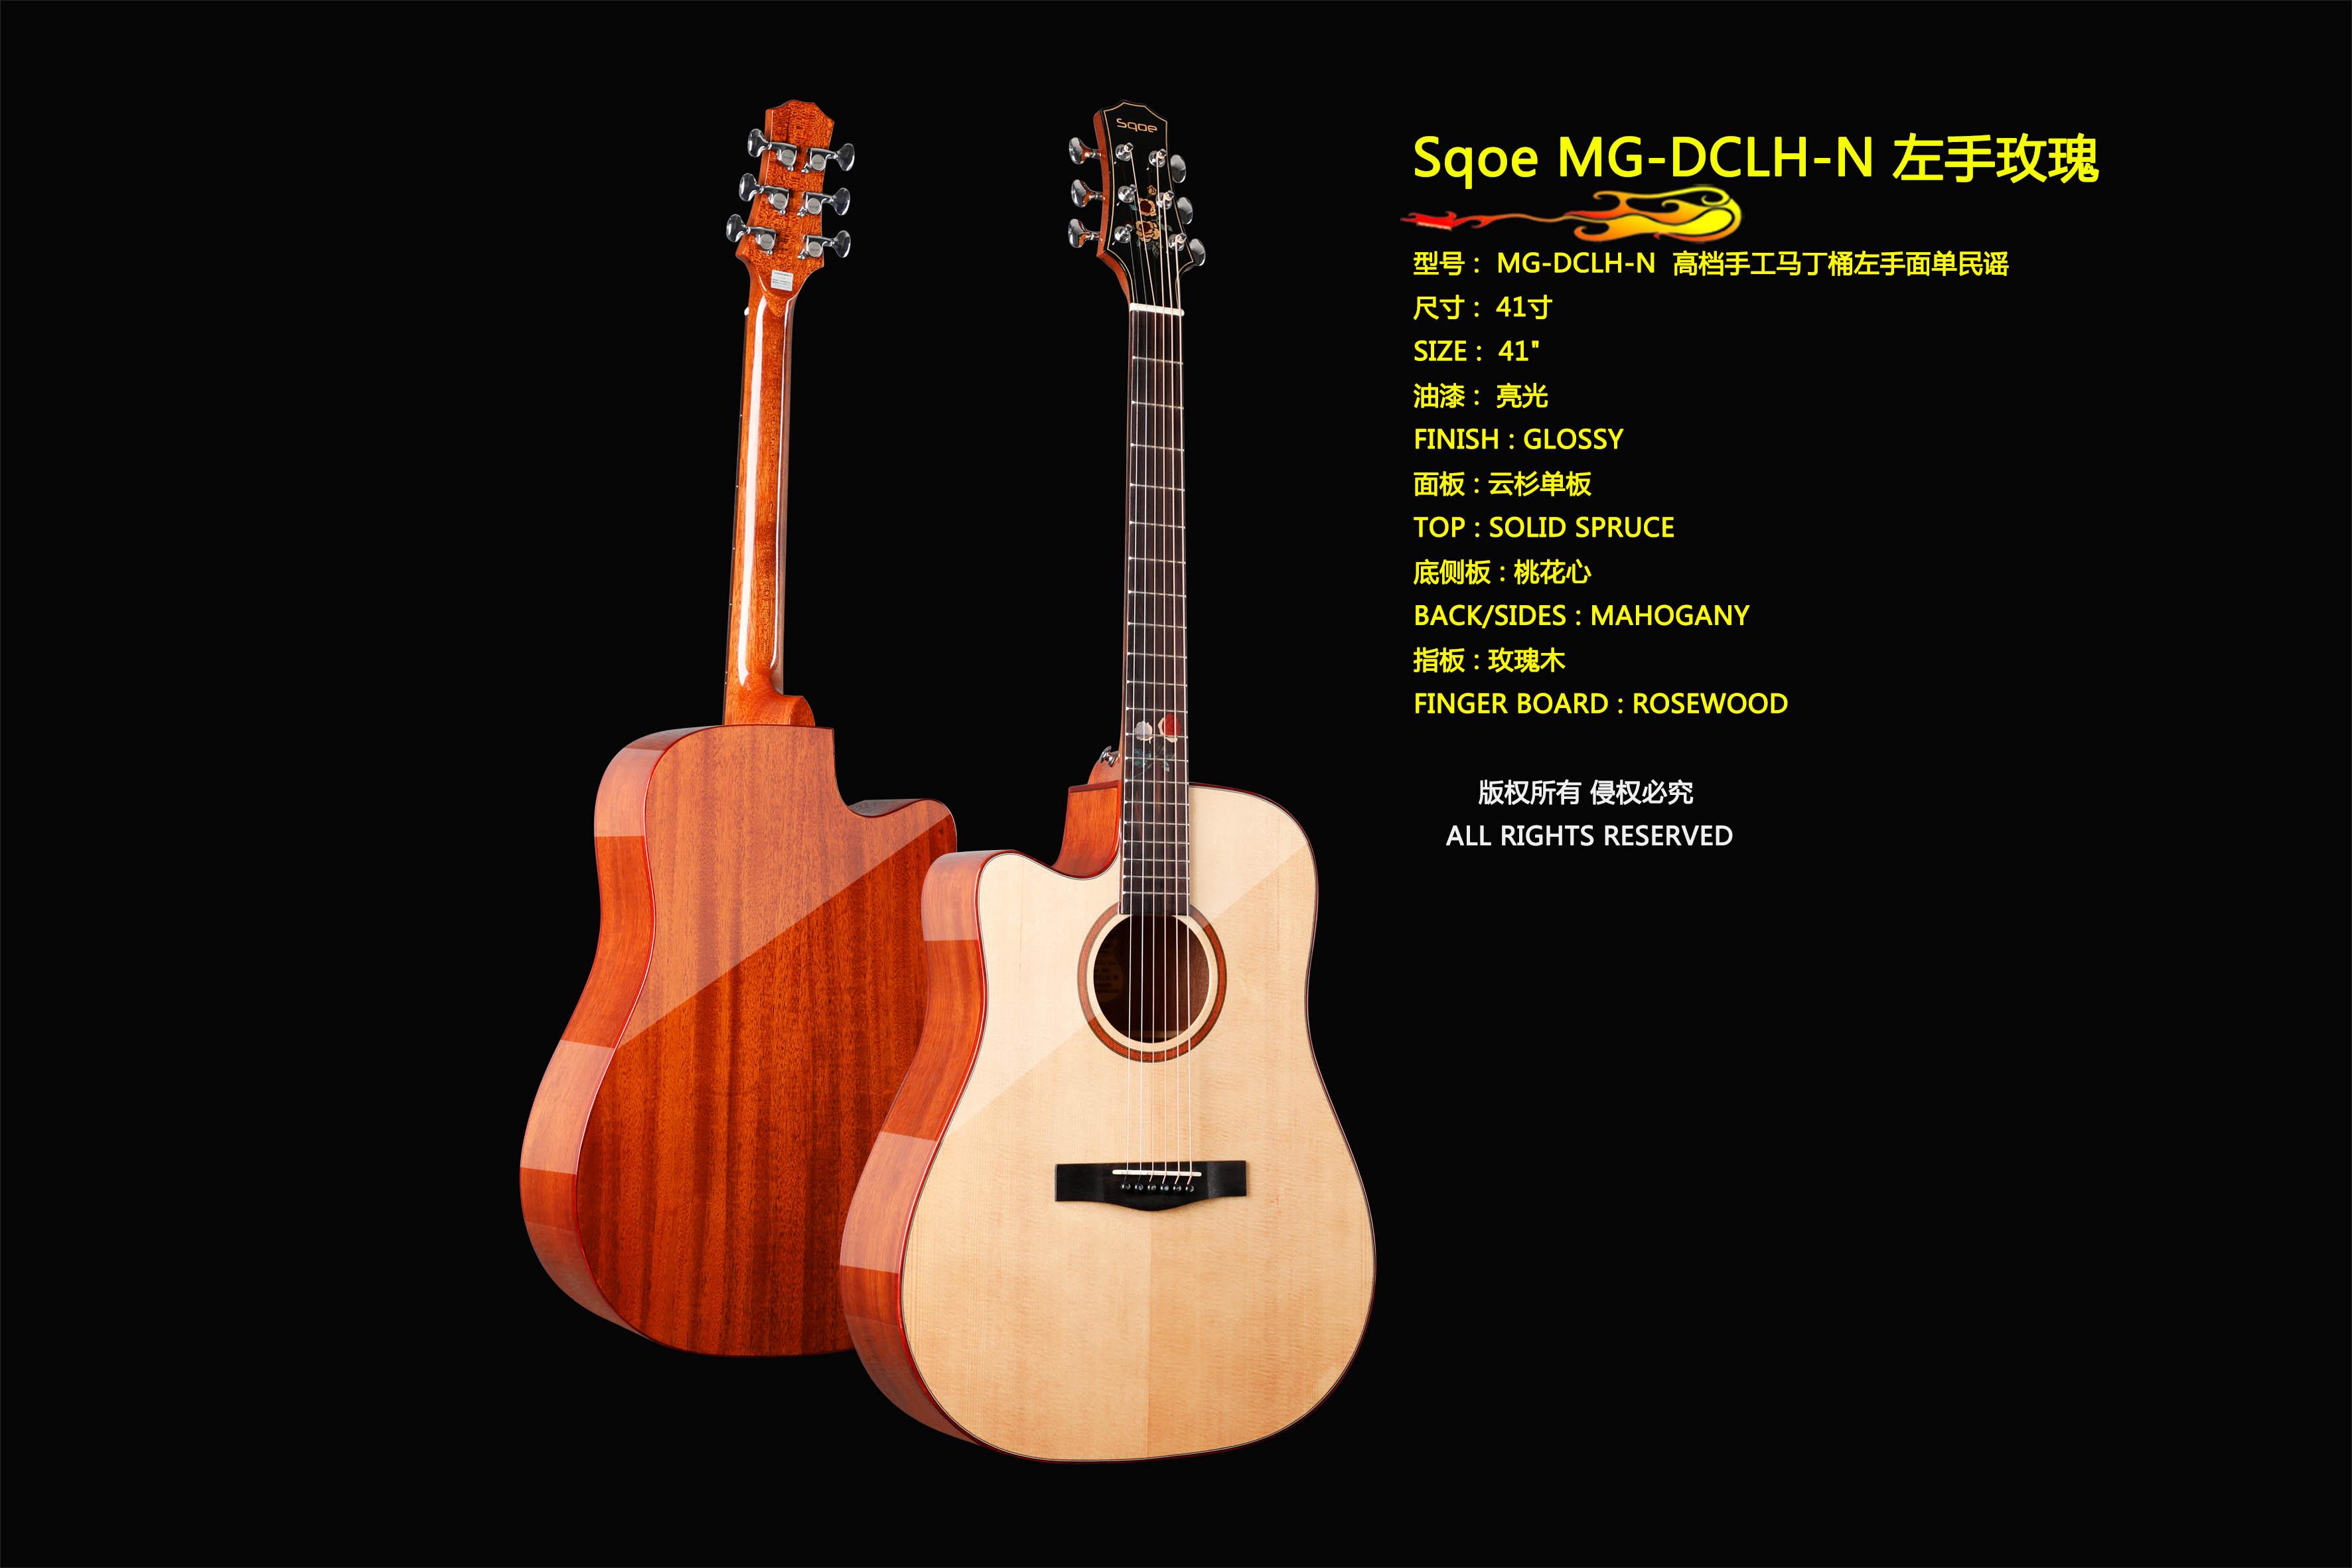 MG-DCLH-N